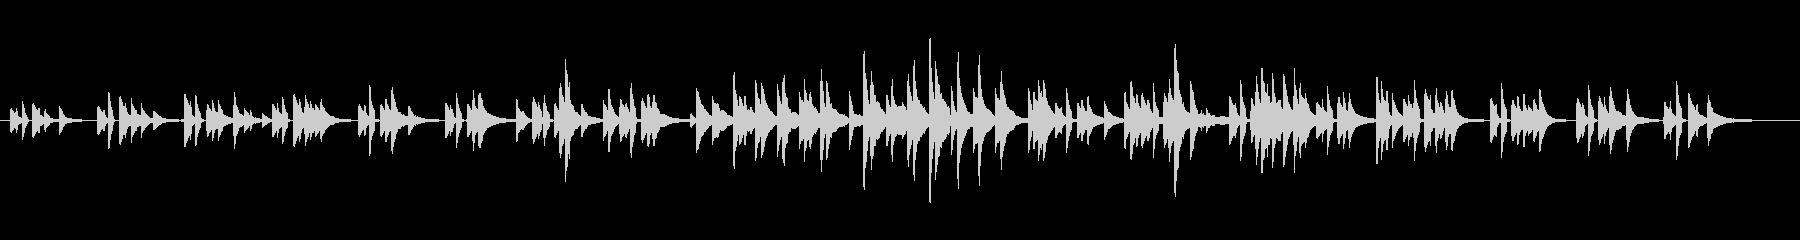 ゆったりと落ち着いたピアノ曲の未再生の波形